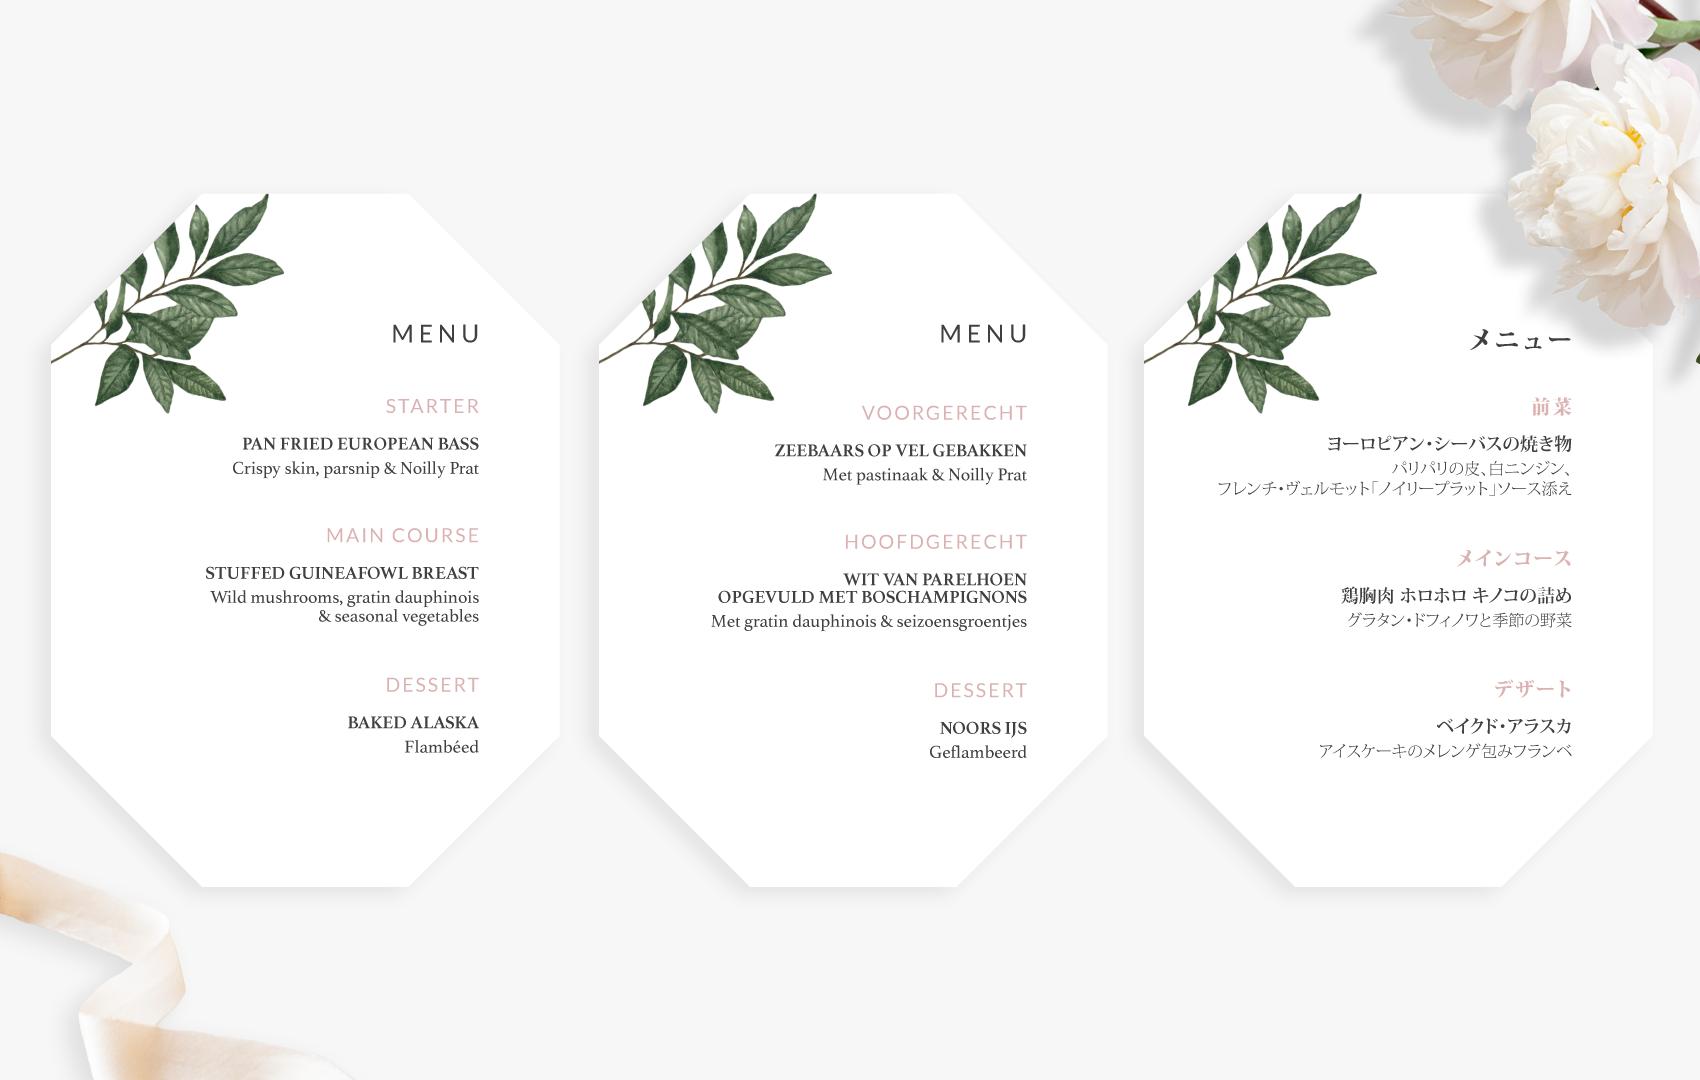 Wedding Menu (3 languages)